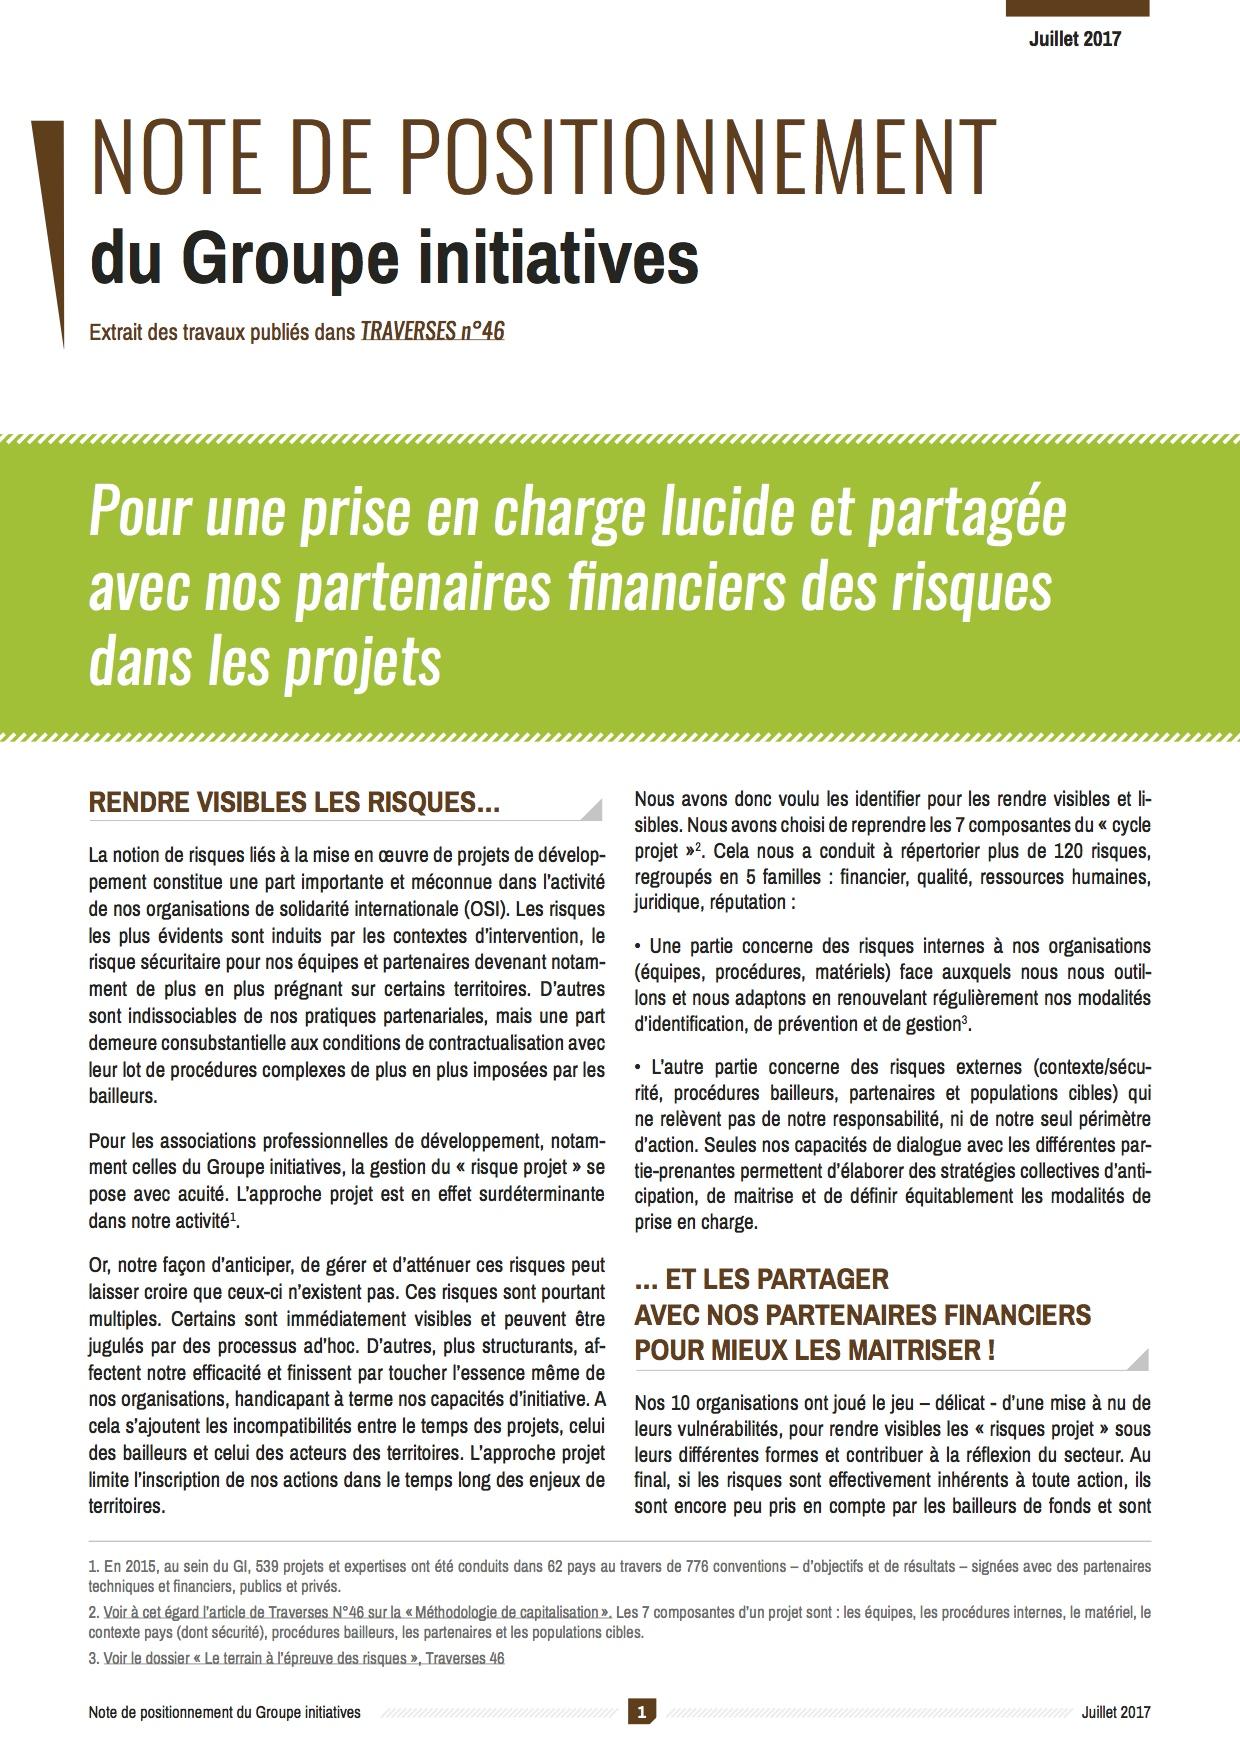 Pour une prise en charge lucide et partagée avec nos partenaires financiers des risques dans les projets Image principale